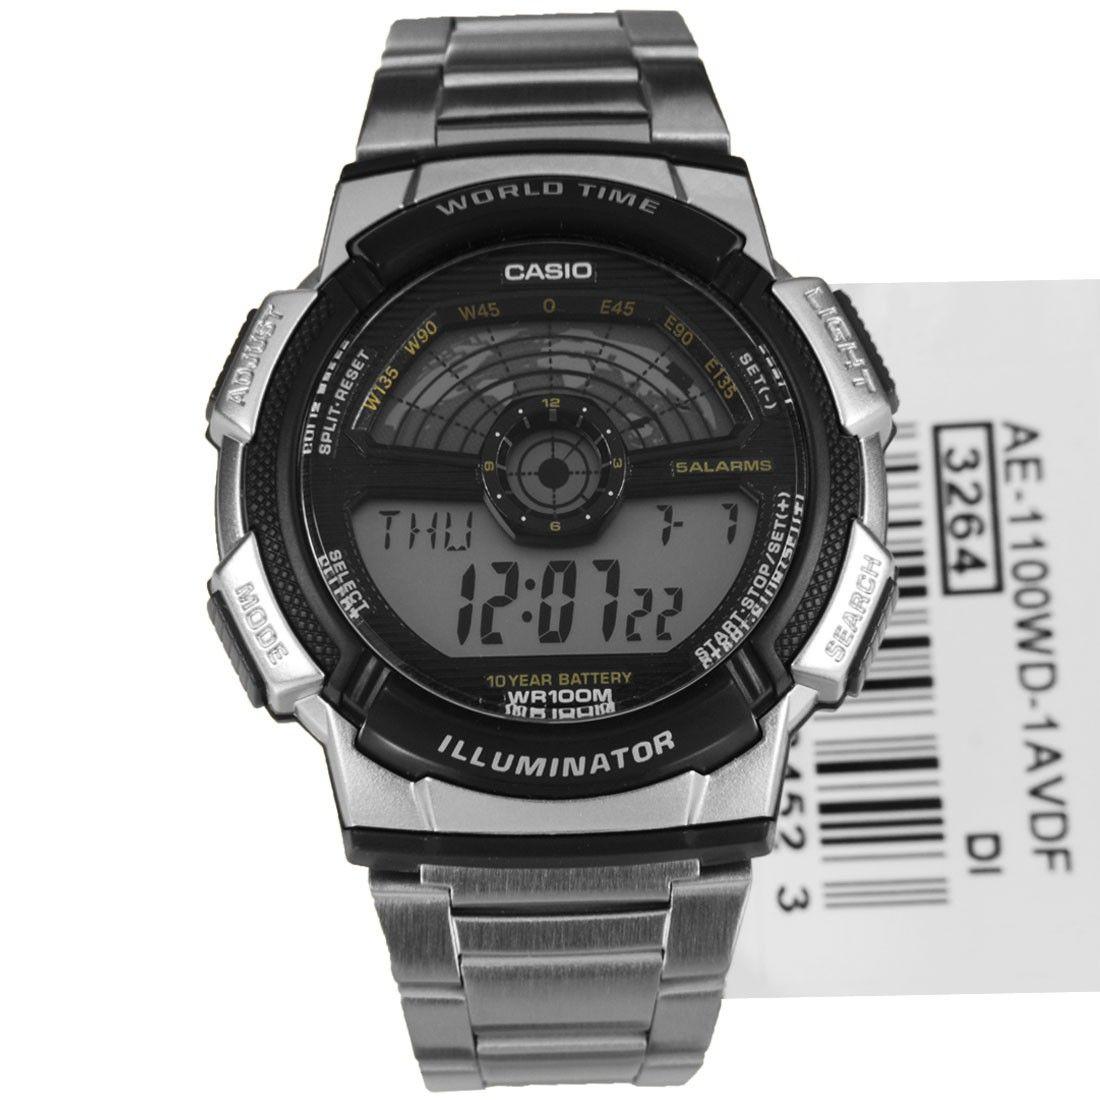 Casio World Time Alarm Digital Sports Watch AE1100WD1A